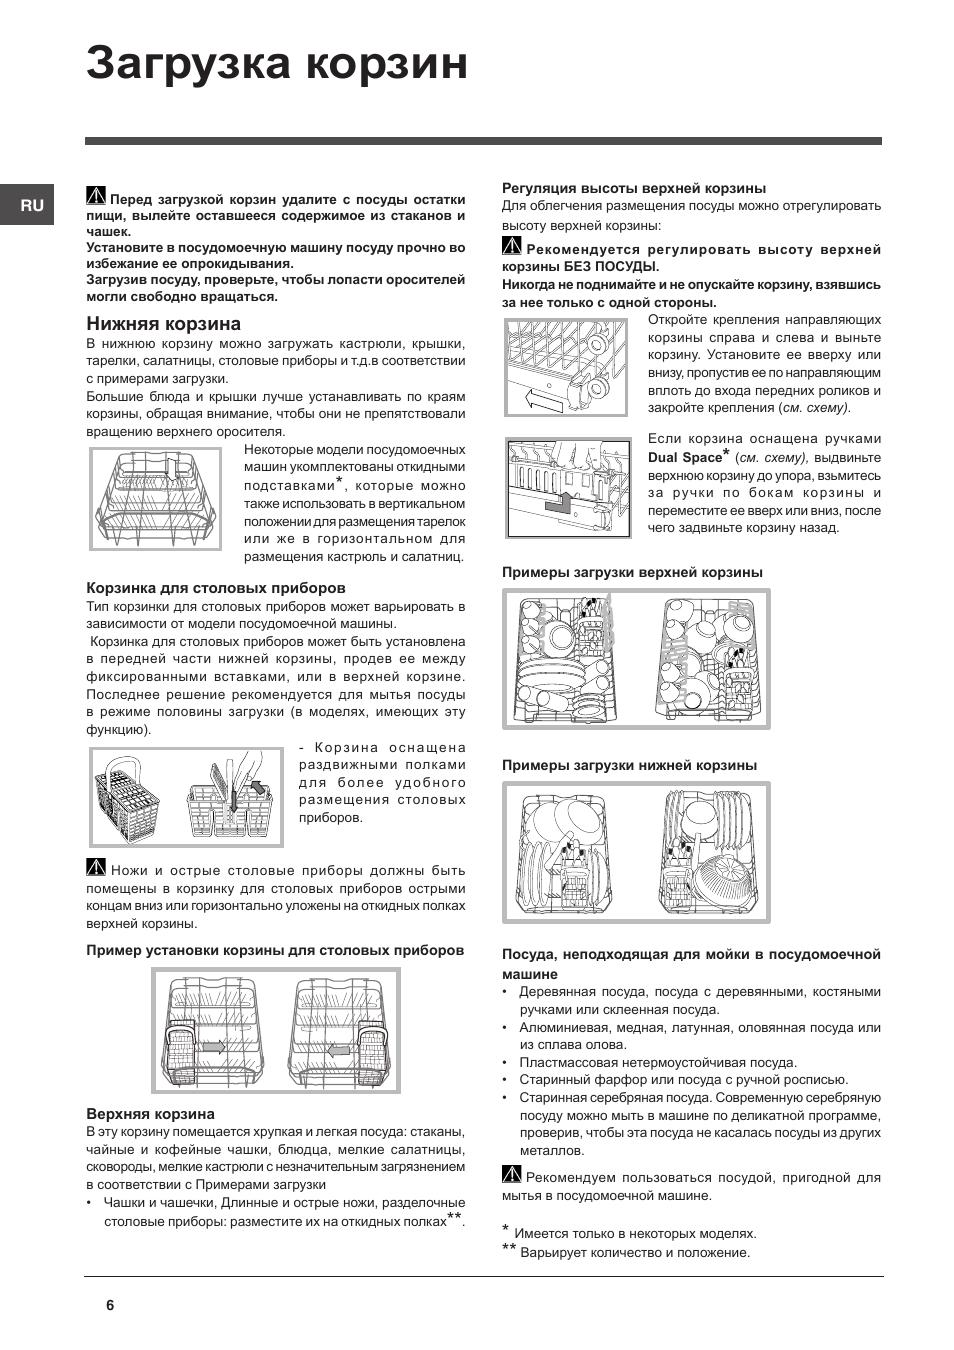 инструкция indesit dsg 0517